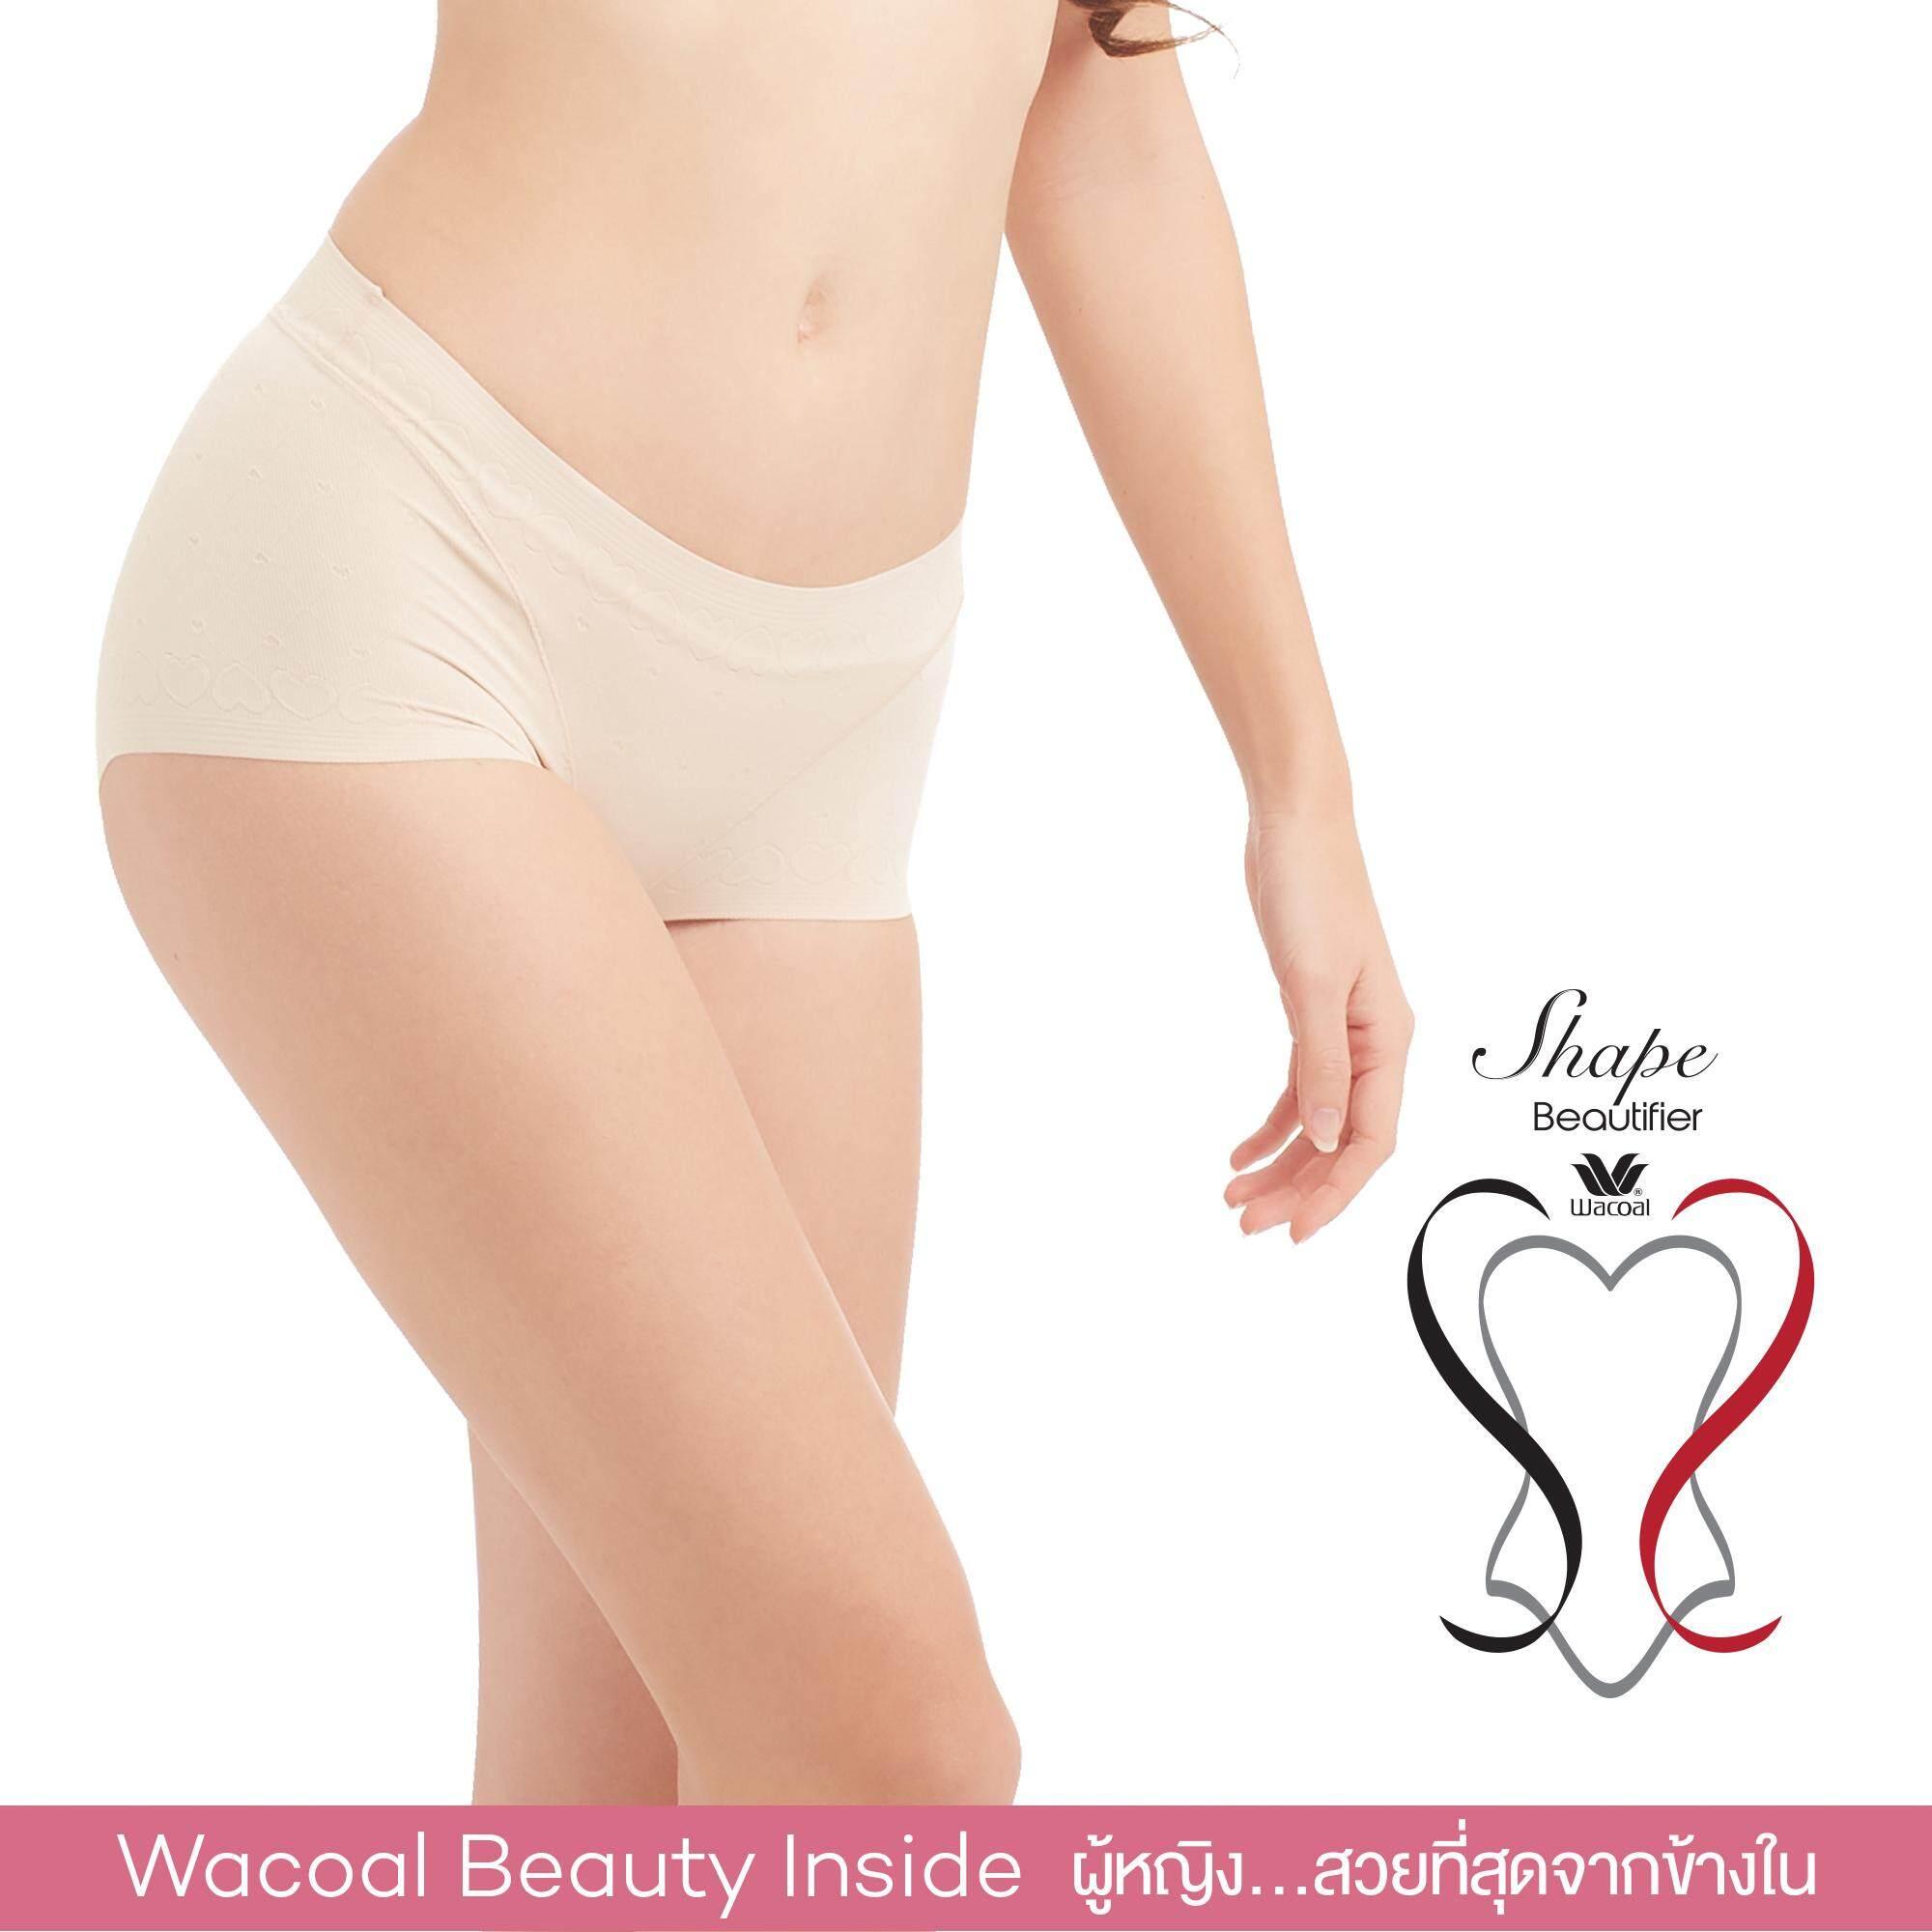 Wacoal Shape Beautifier Hips กางเกงยกสะโพก - WY1119